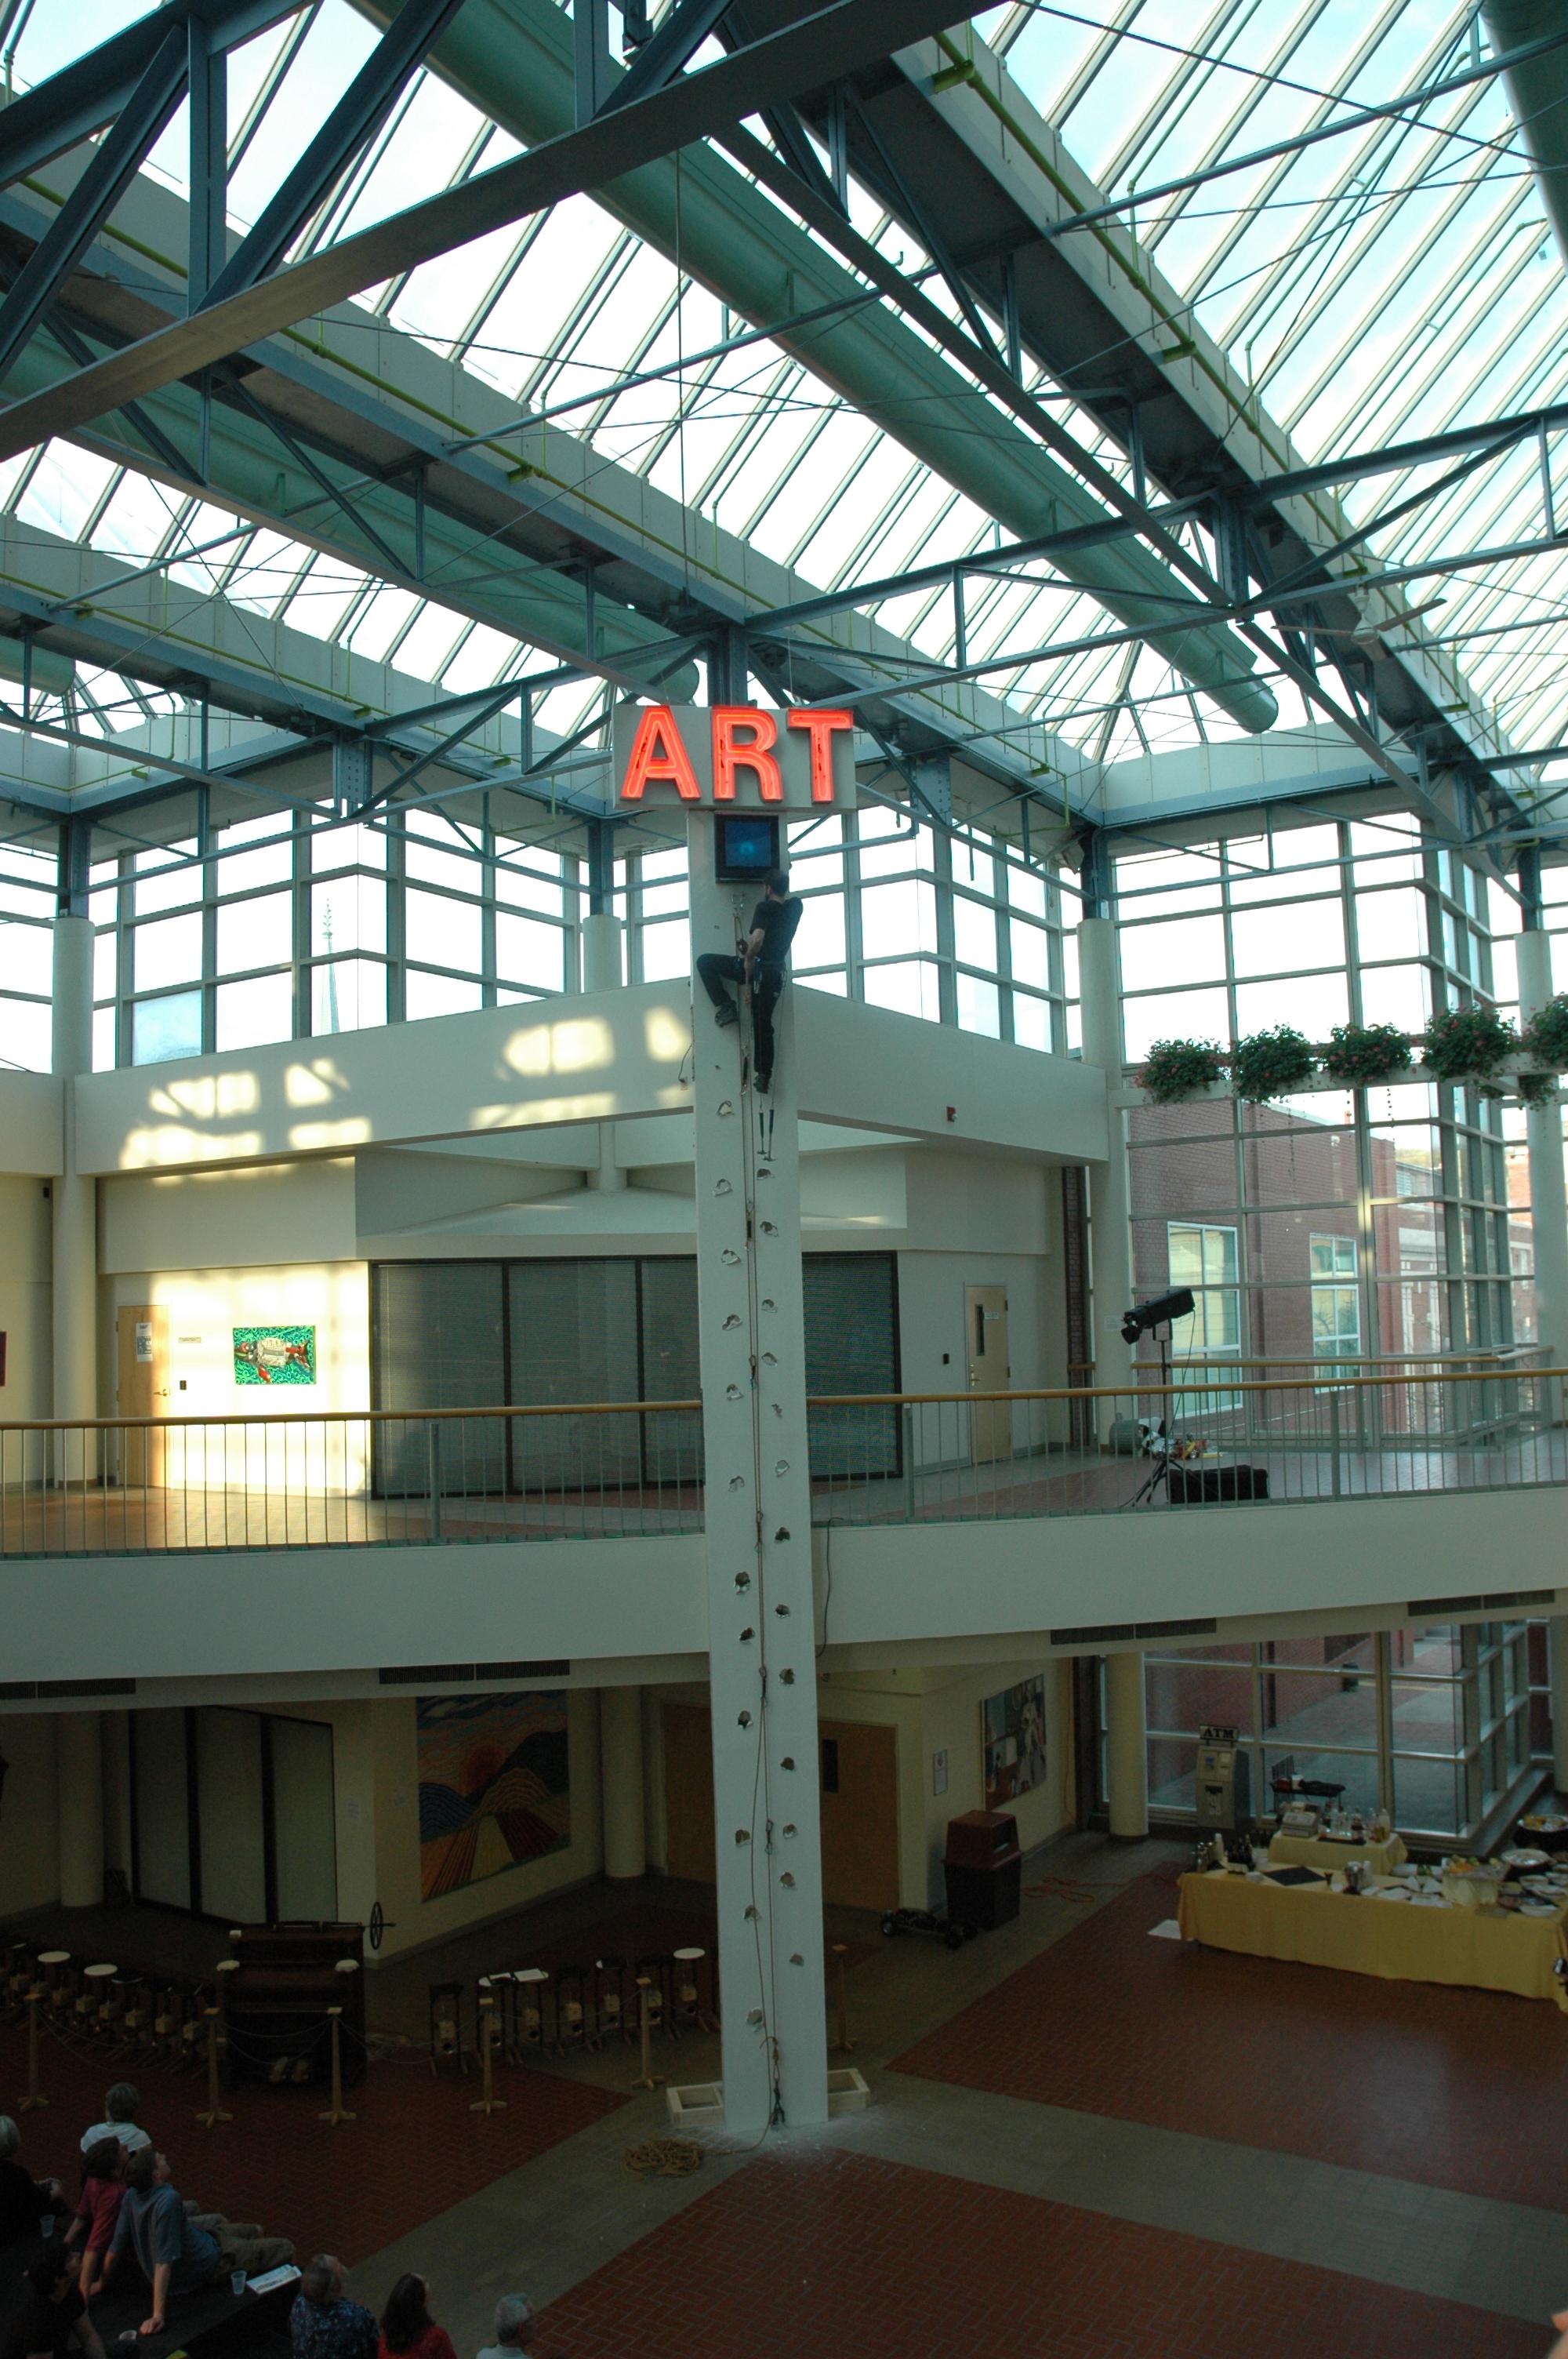 Art Climbing - After Climb full view.JPG